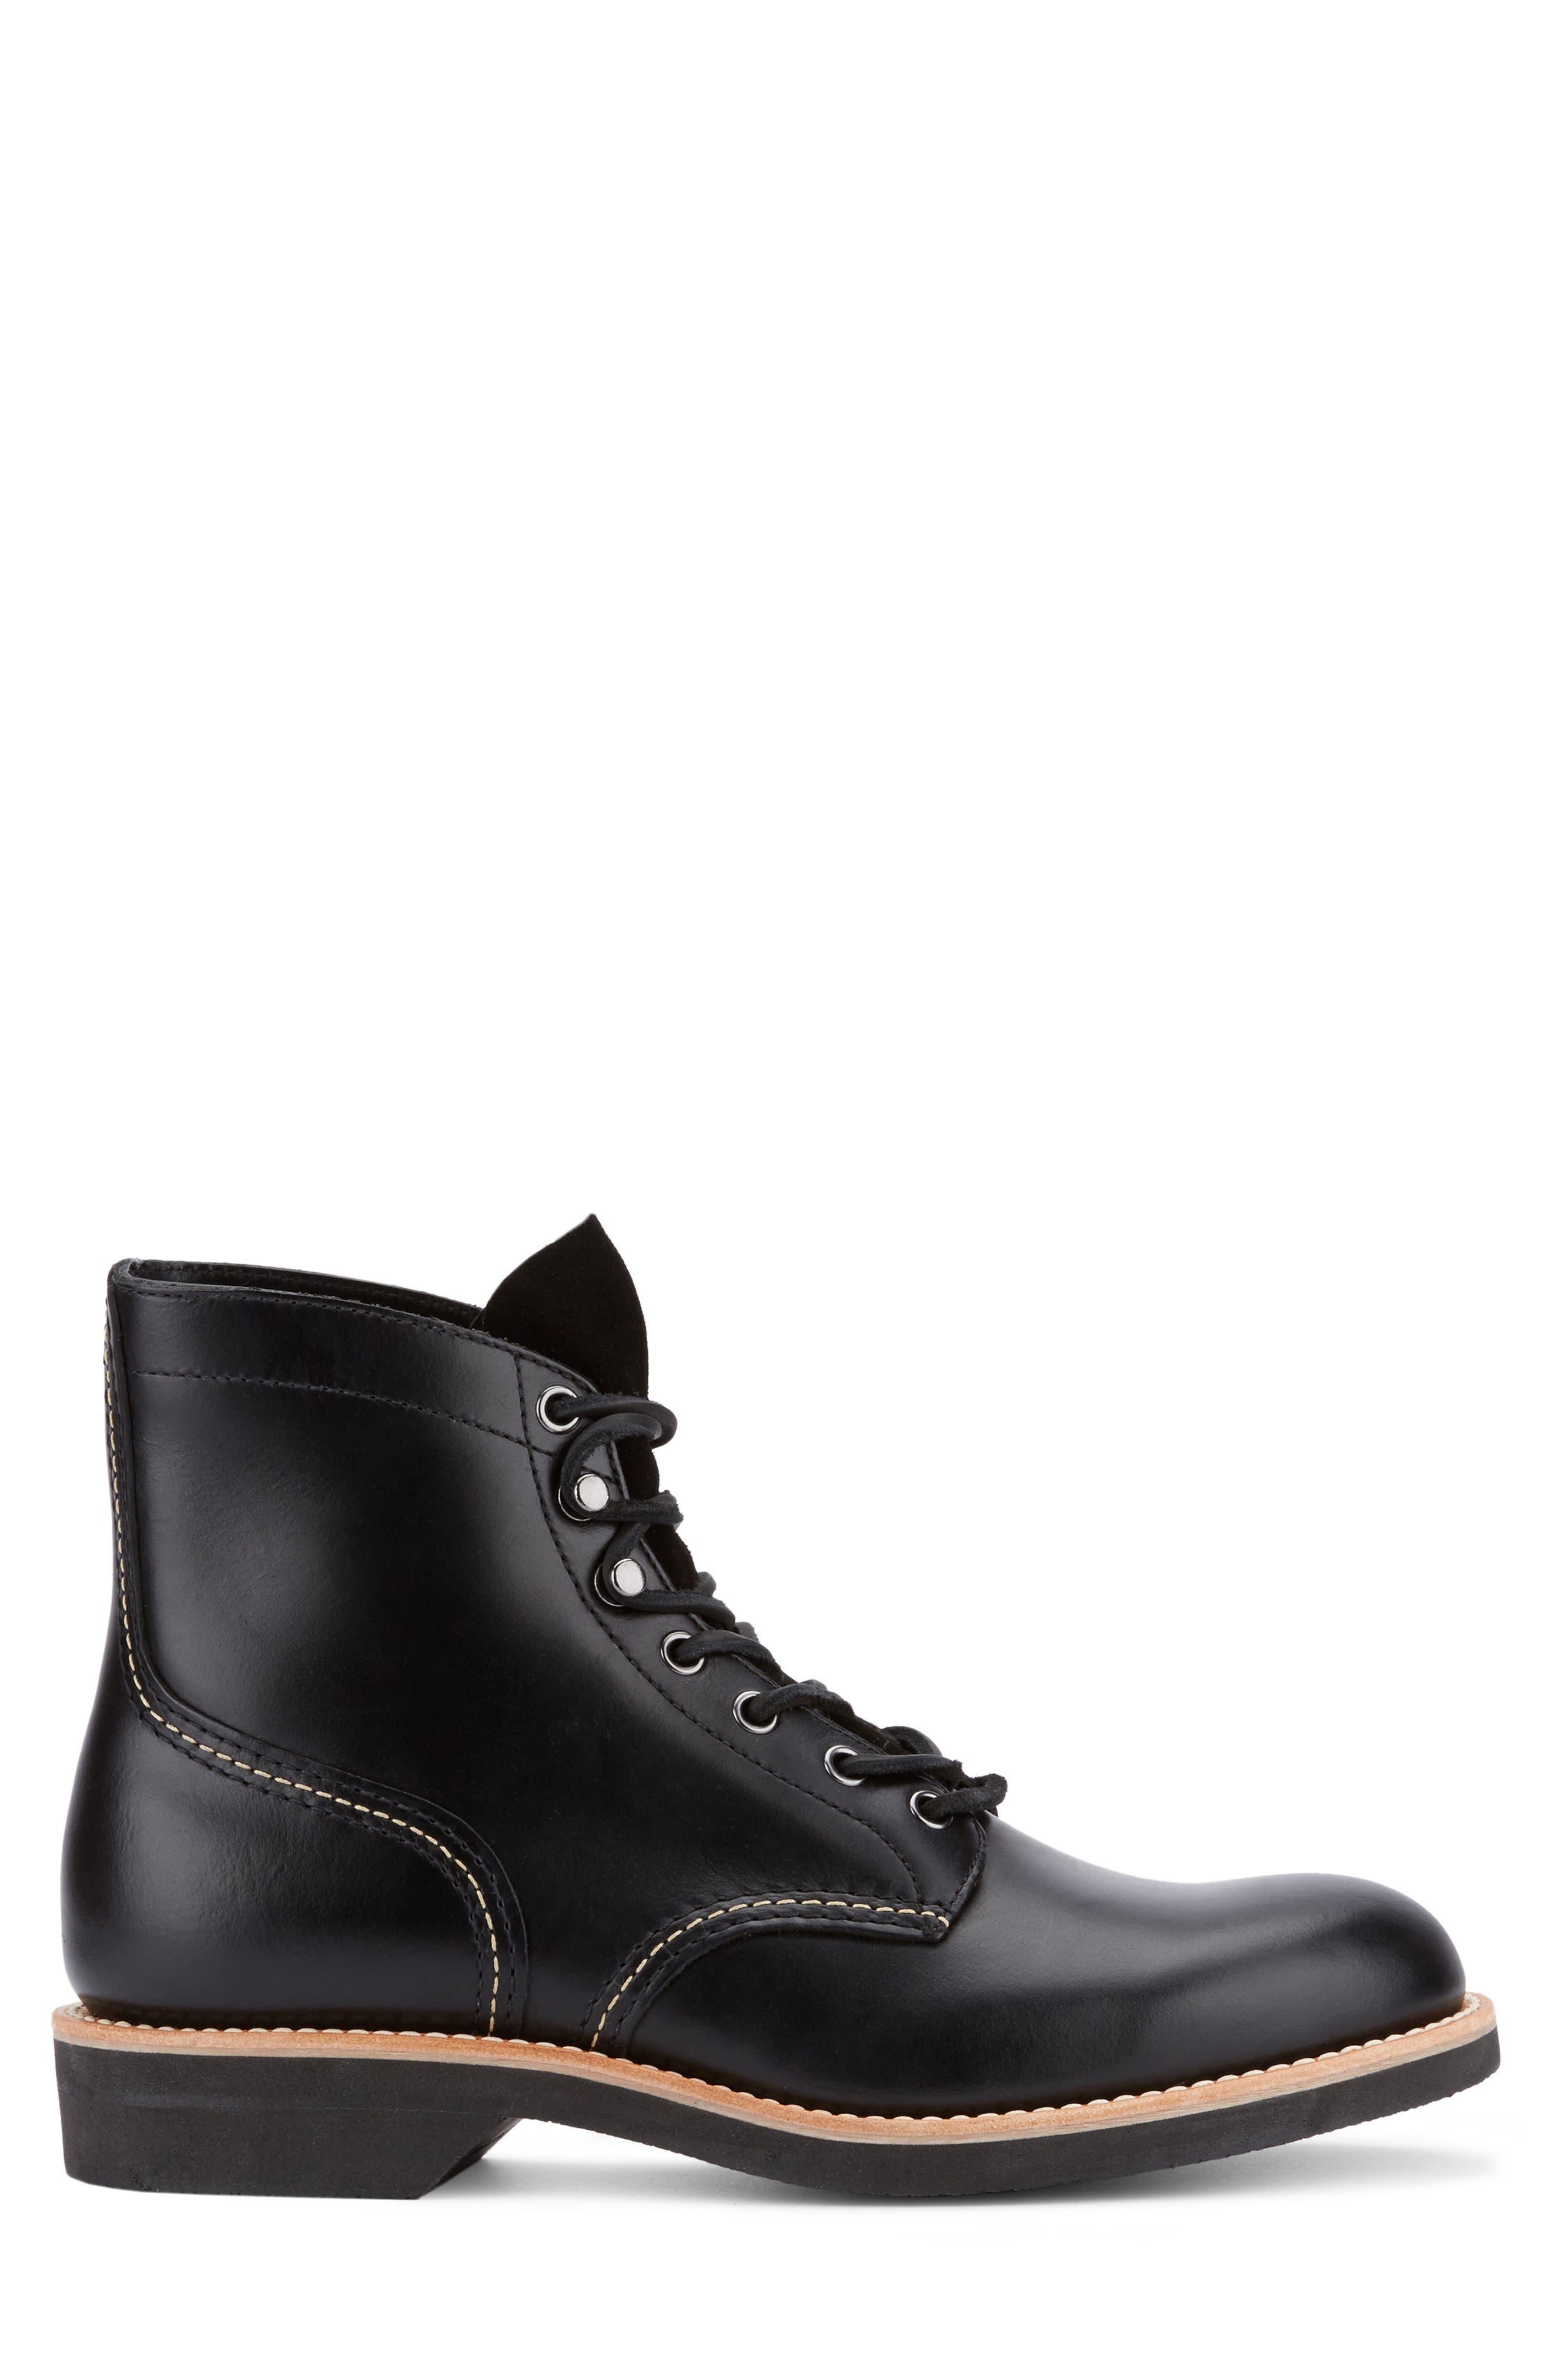 Reid Plain Toe Boot,                             Alternate thumbnail 3, color,                             Black